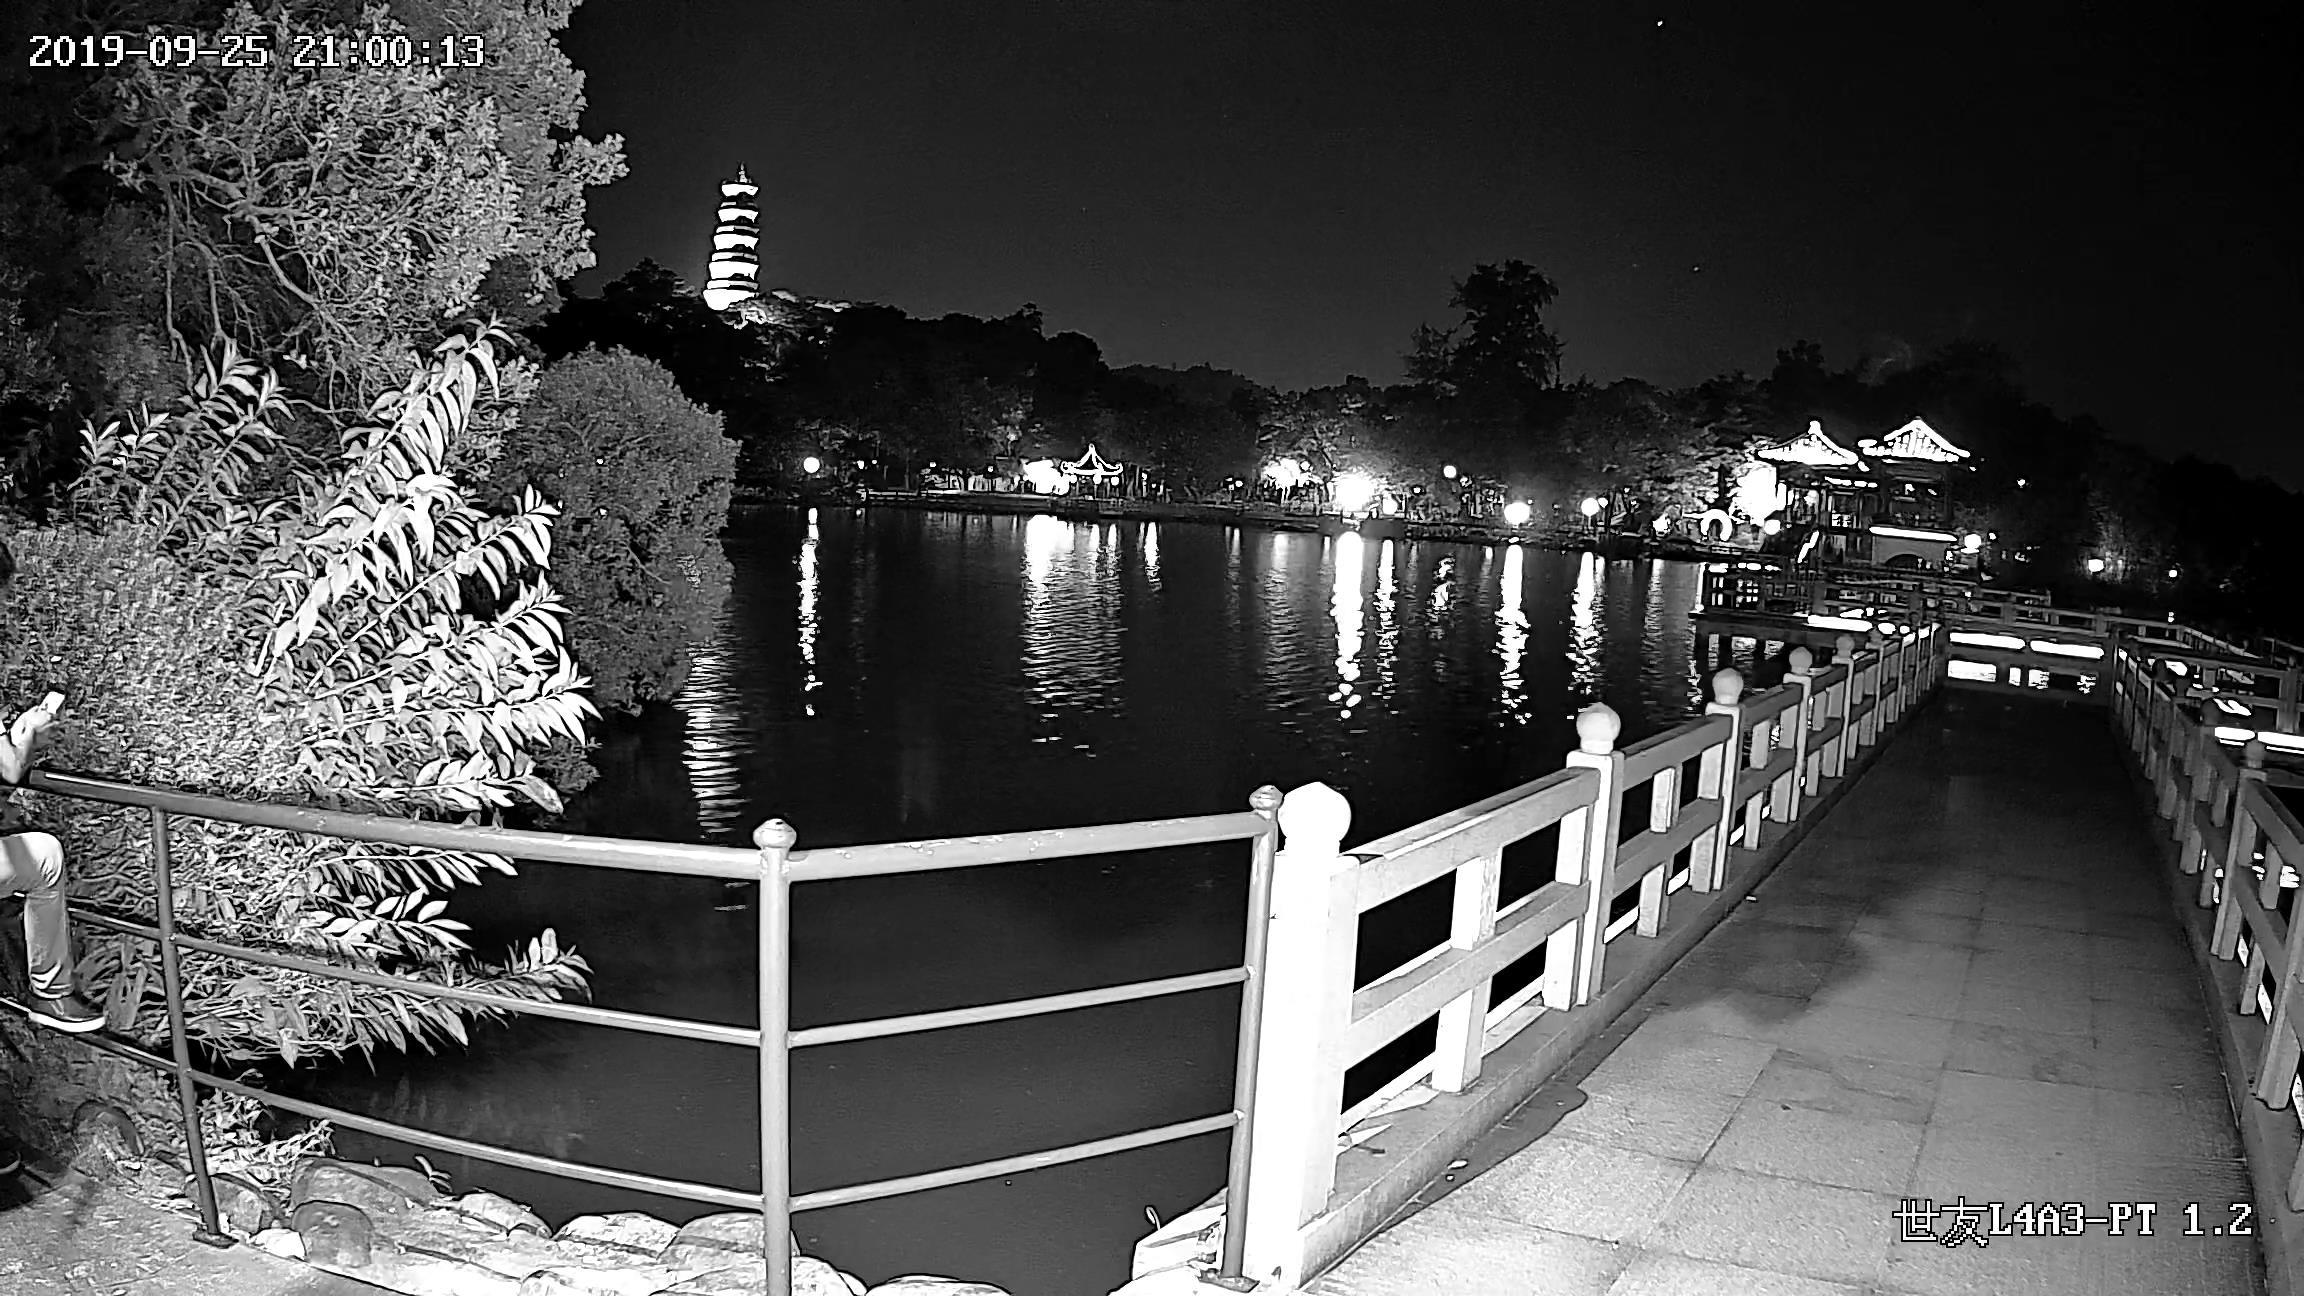 SY-L4A3-PT 夜视摄像机效果